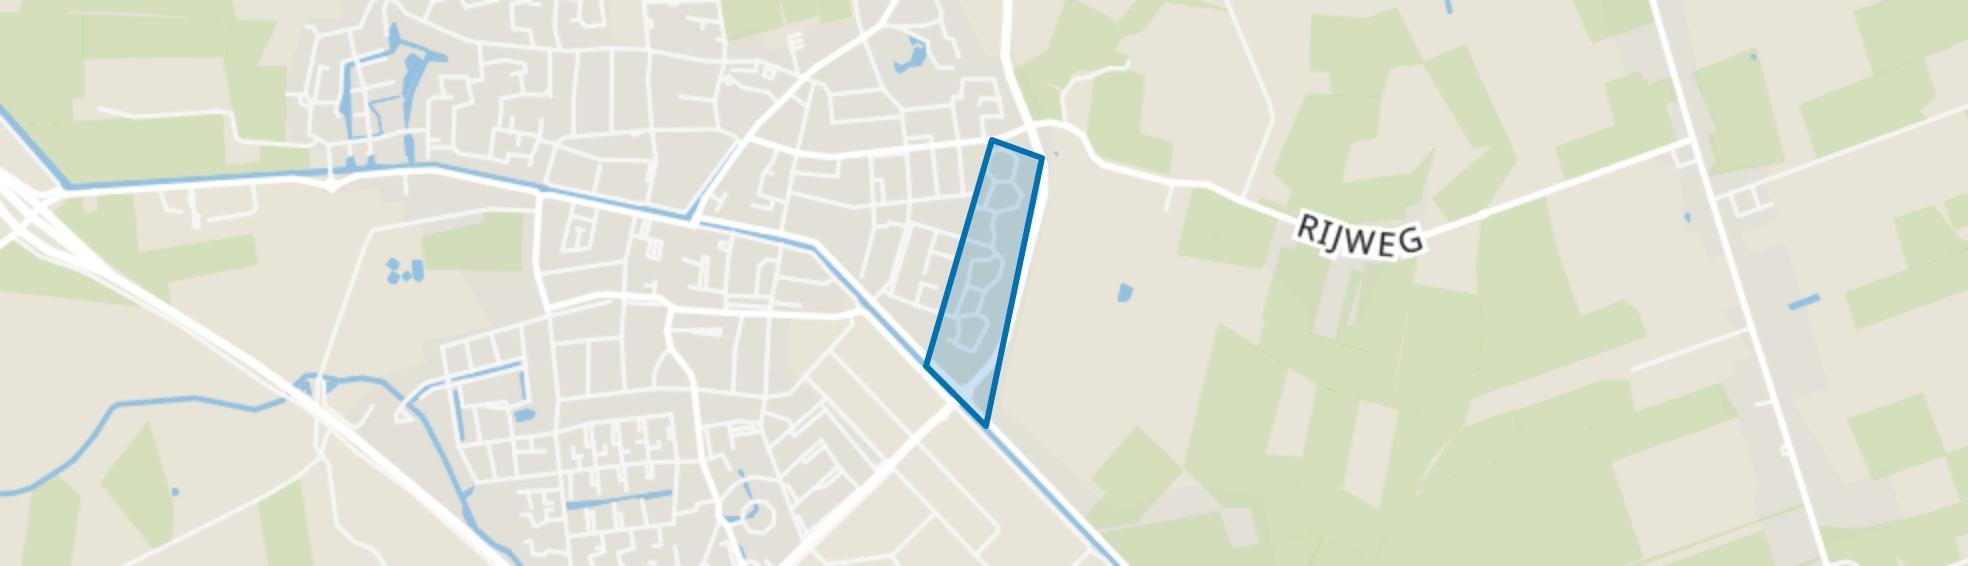 Oosterwolde-Schottelenburg, Oosterwolde (FR) map